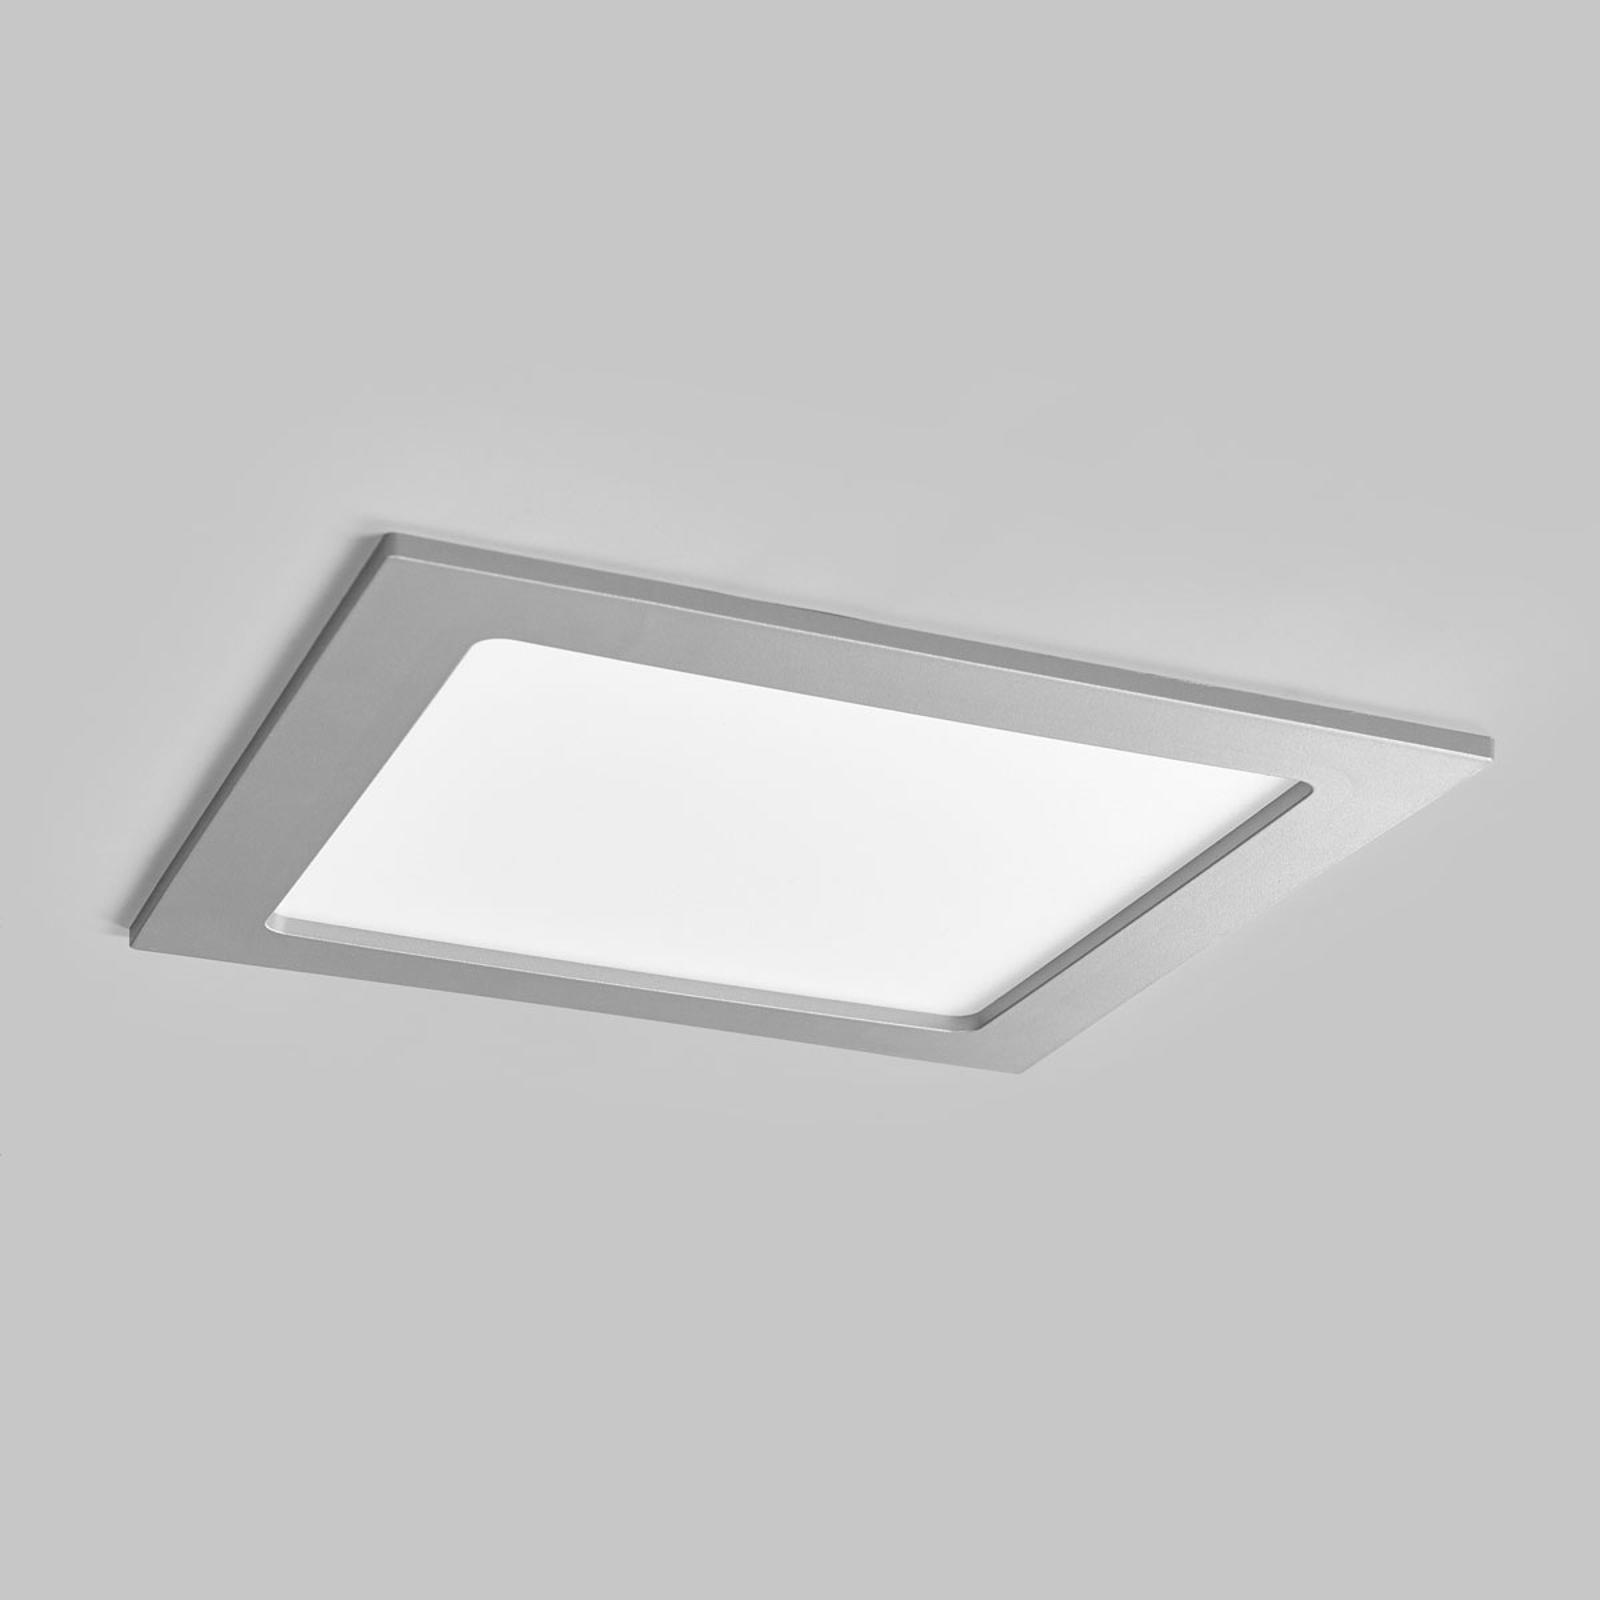 Joki LED-indbygningsspot sølv 3000K kantet 22cm